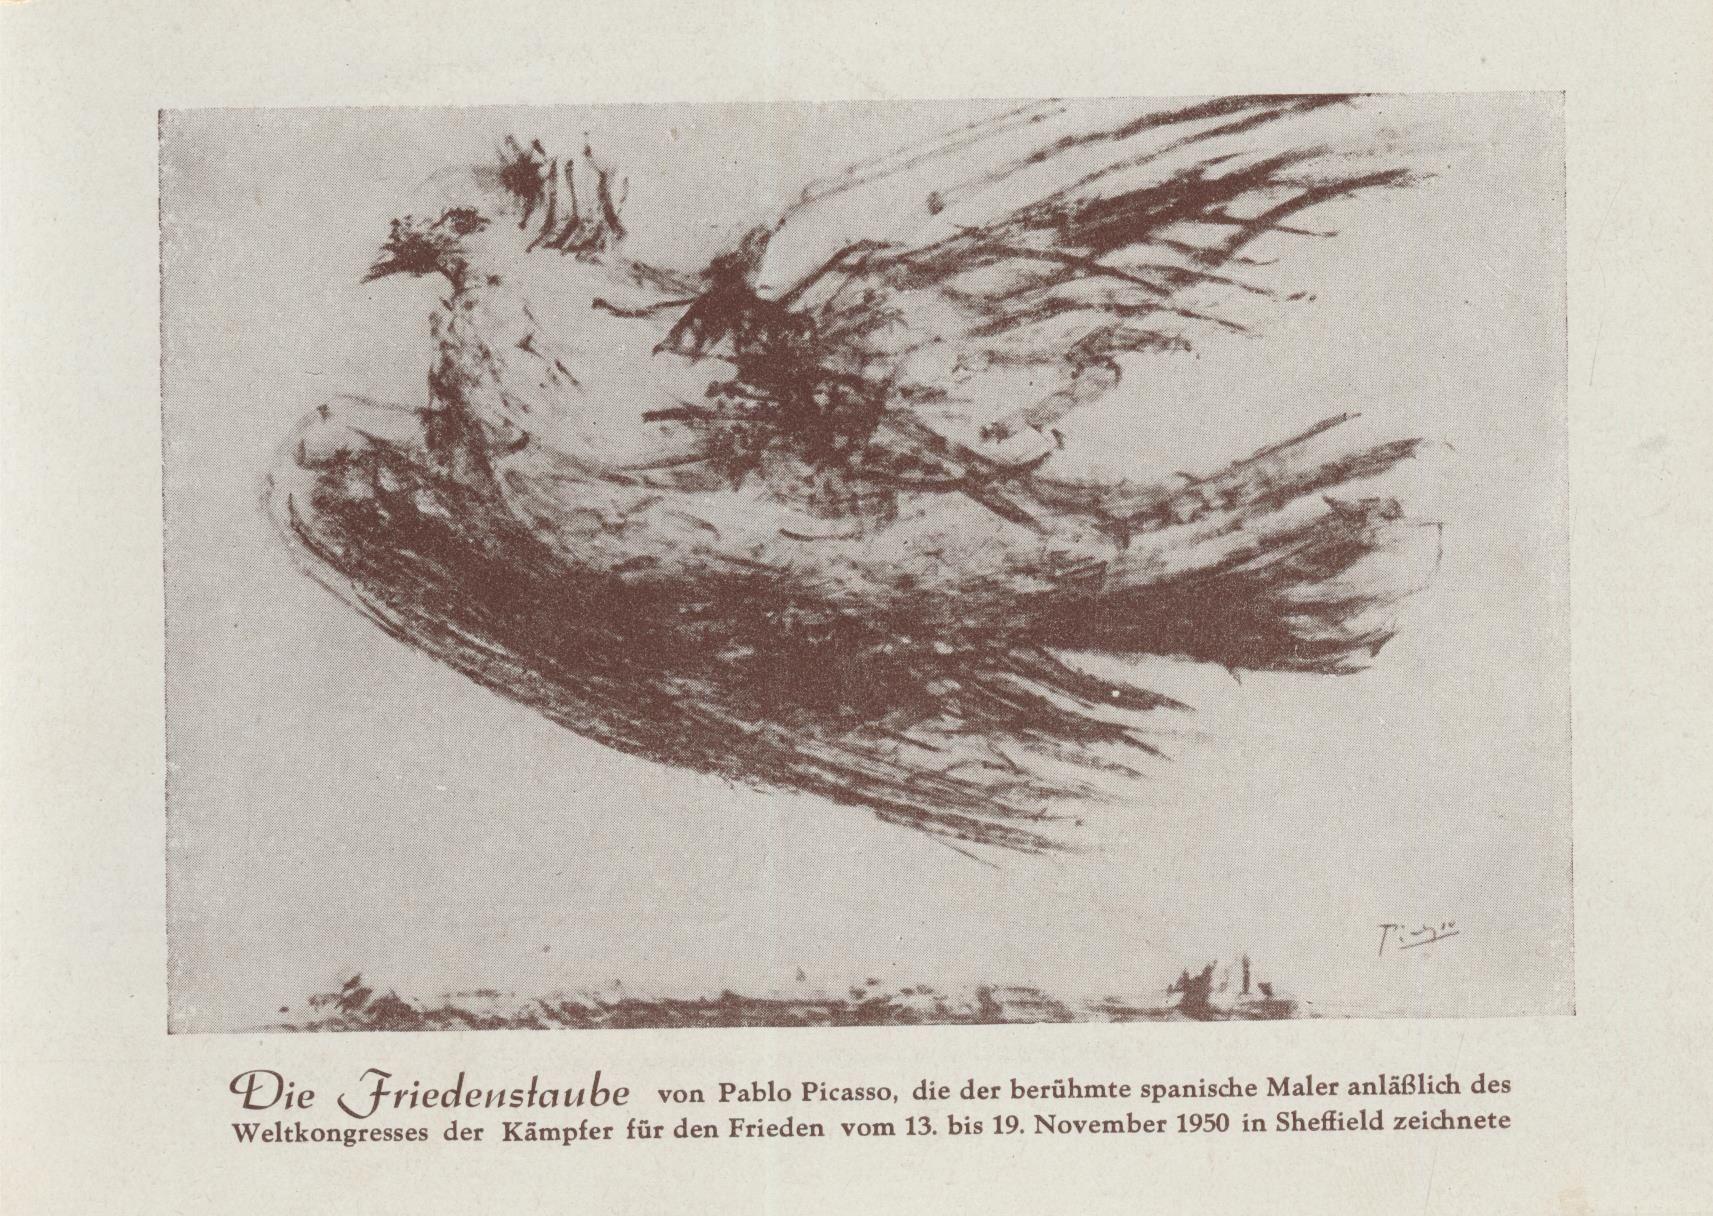 Picasso Friedenstaube  Vgel Insekten Blumen  Pinterest